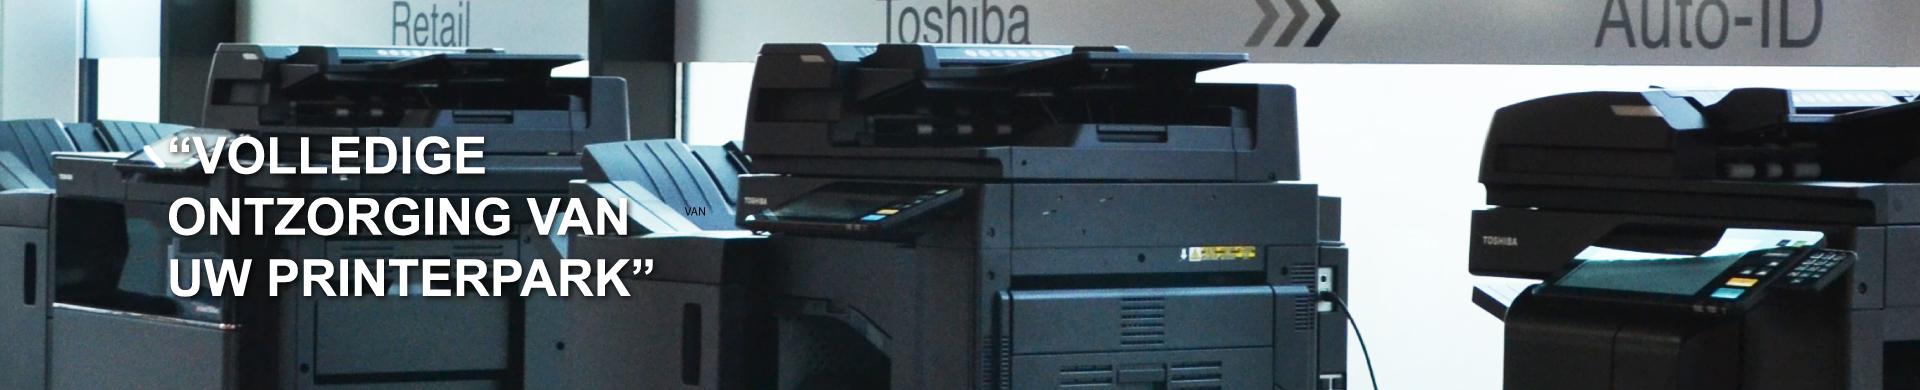 Volledige ontzorging van uw printerpark